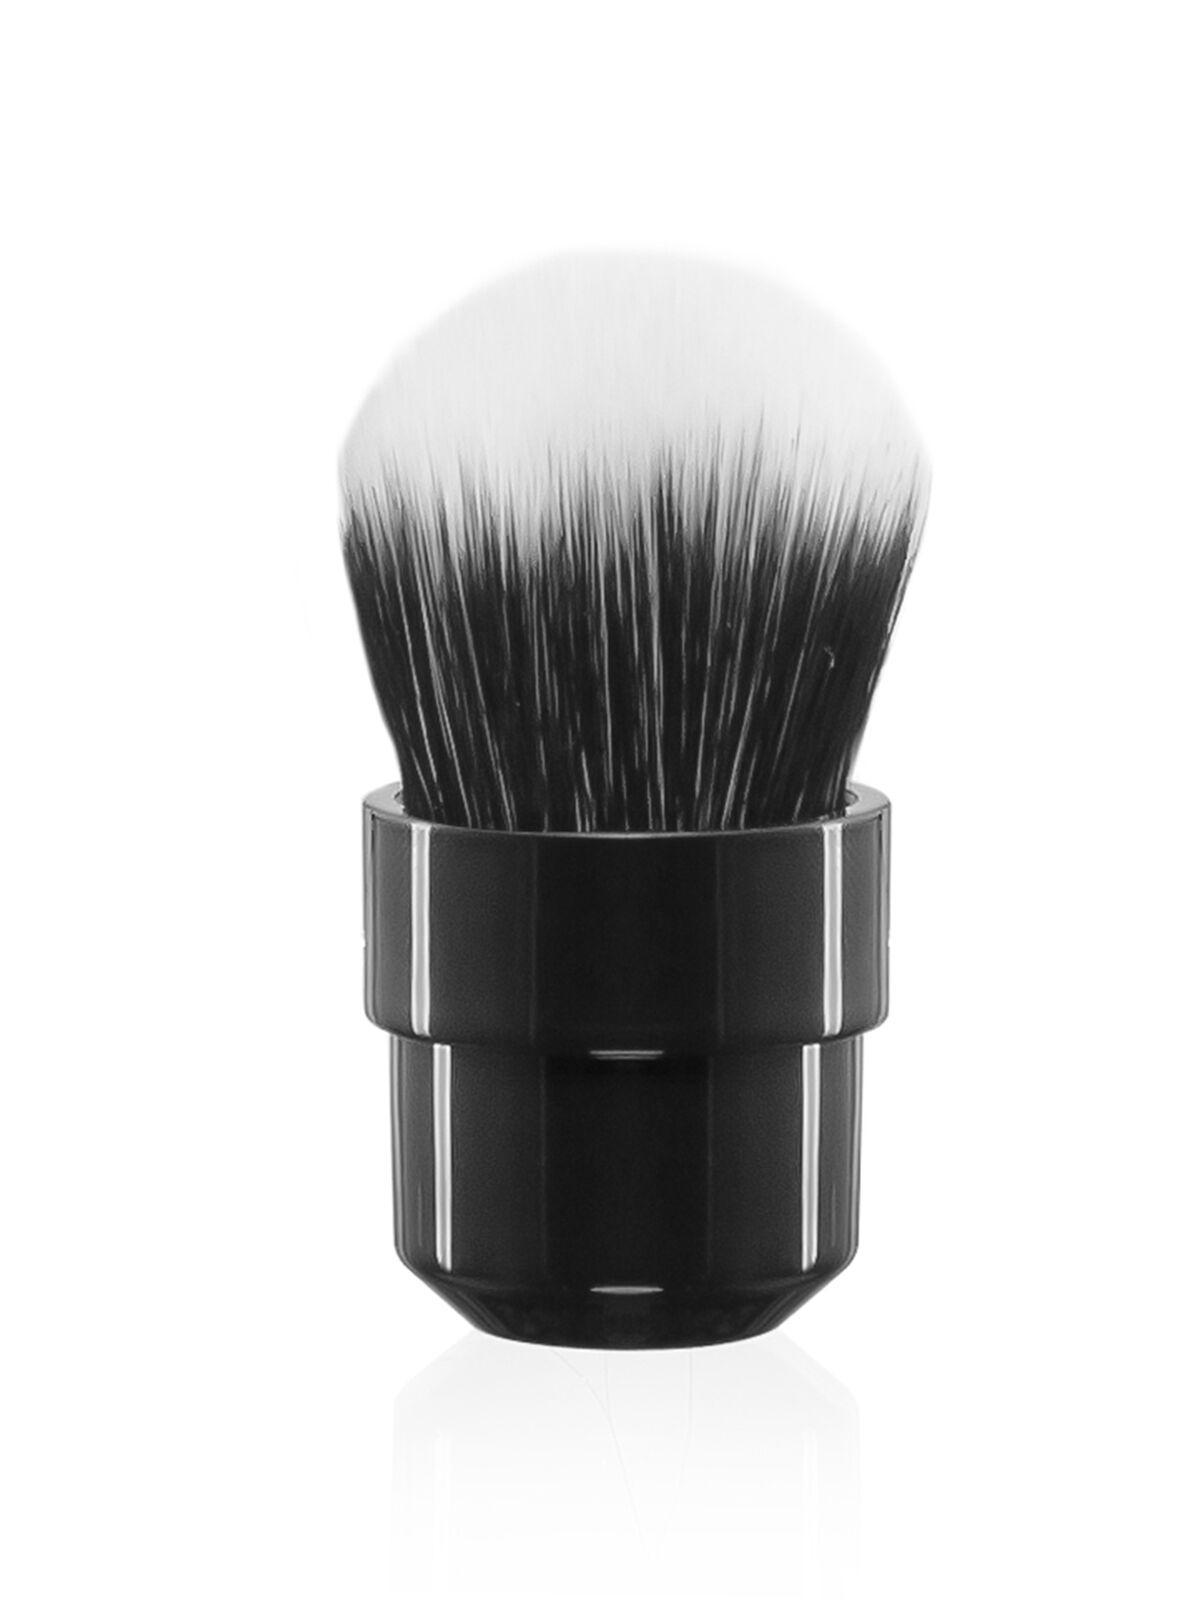 blendSMART2 Full Coverage Brush Head